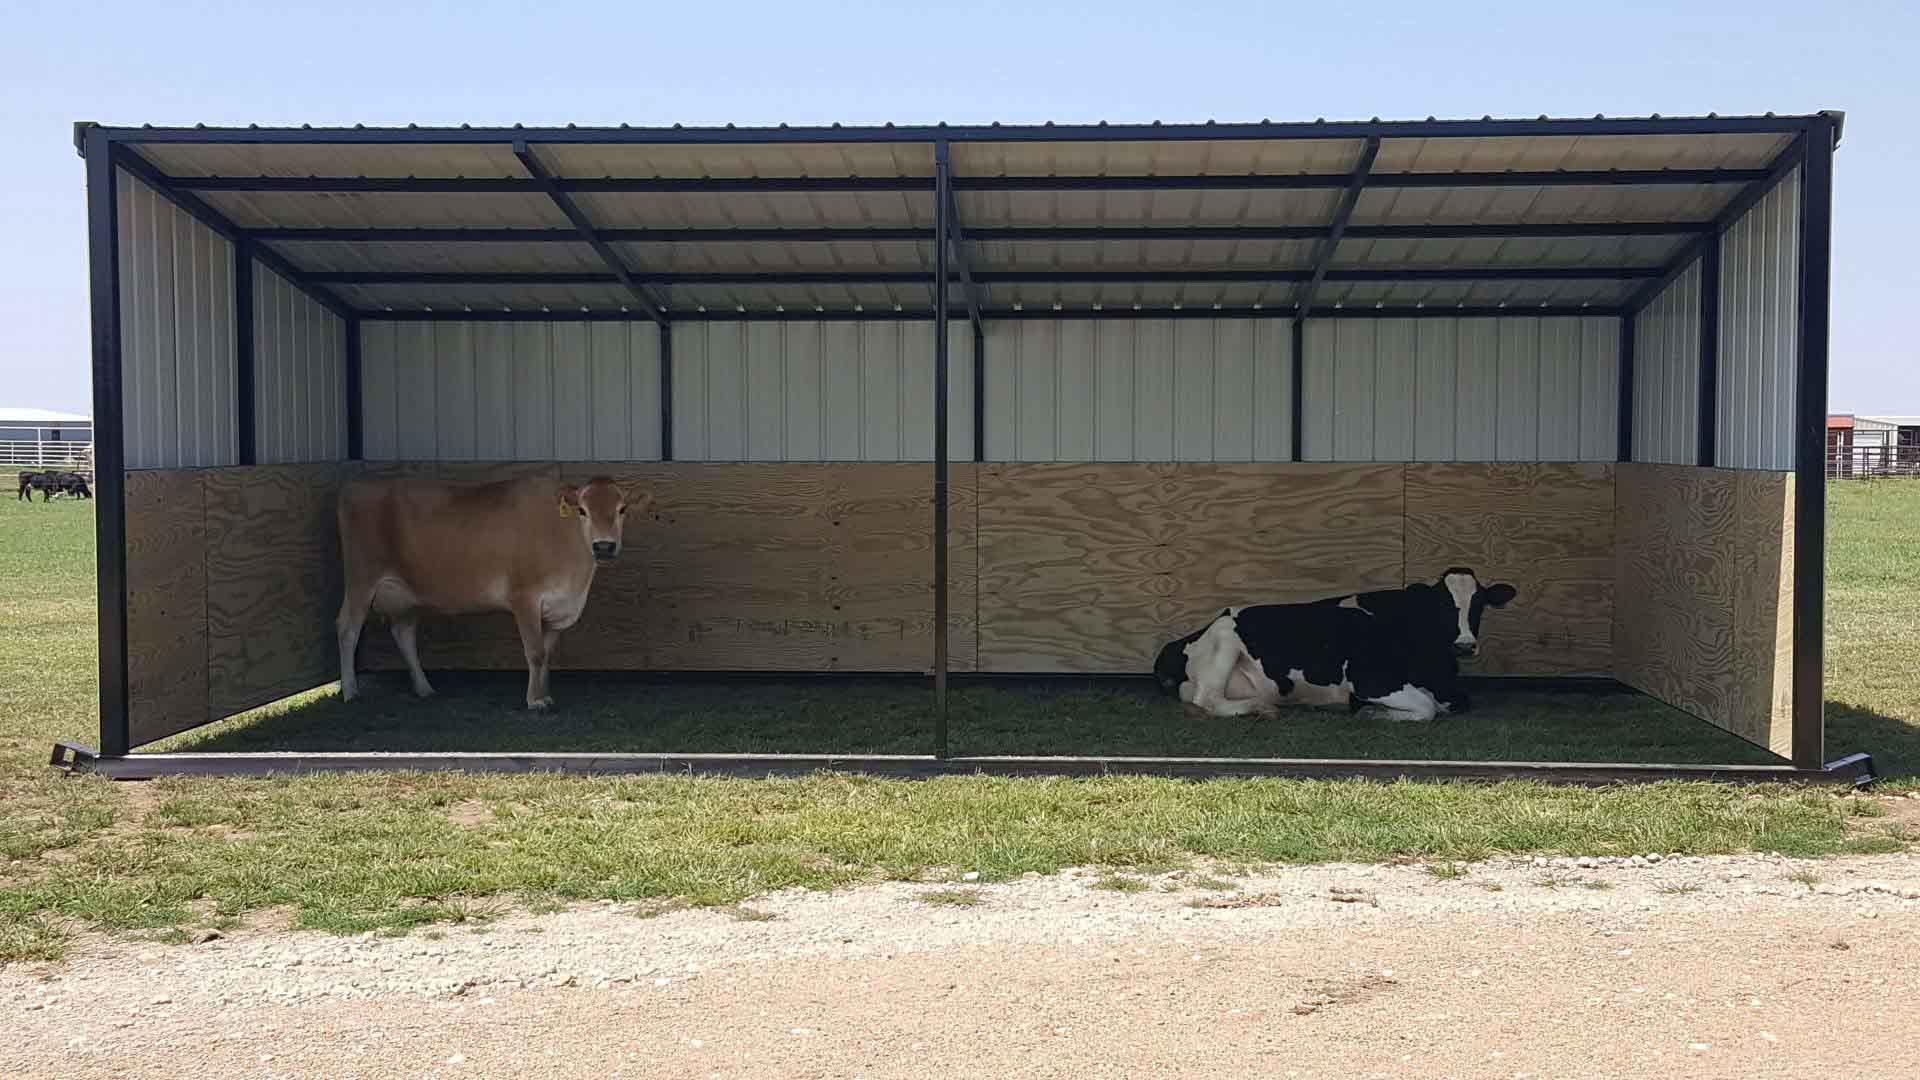 Sturdi Bilt Steel Framed Livestock Shelter